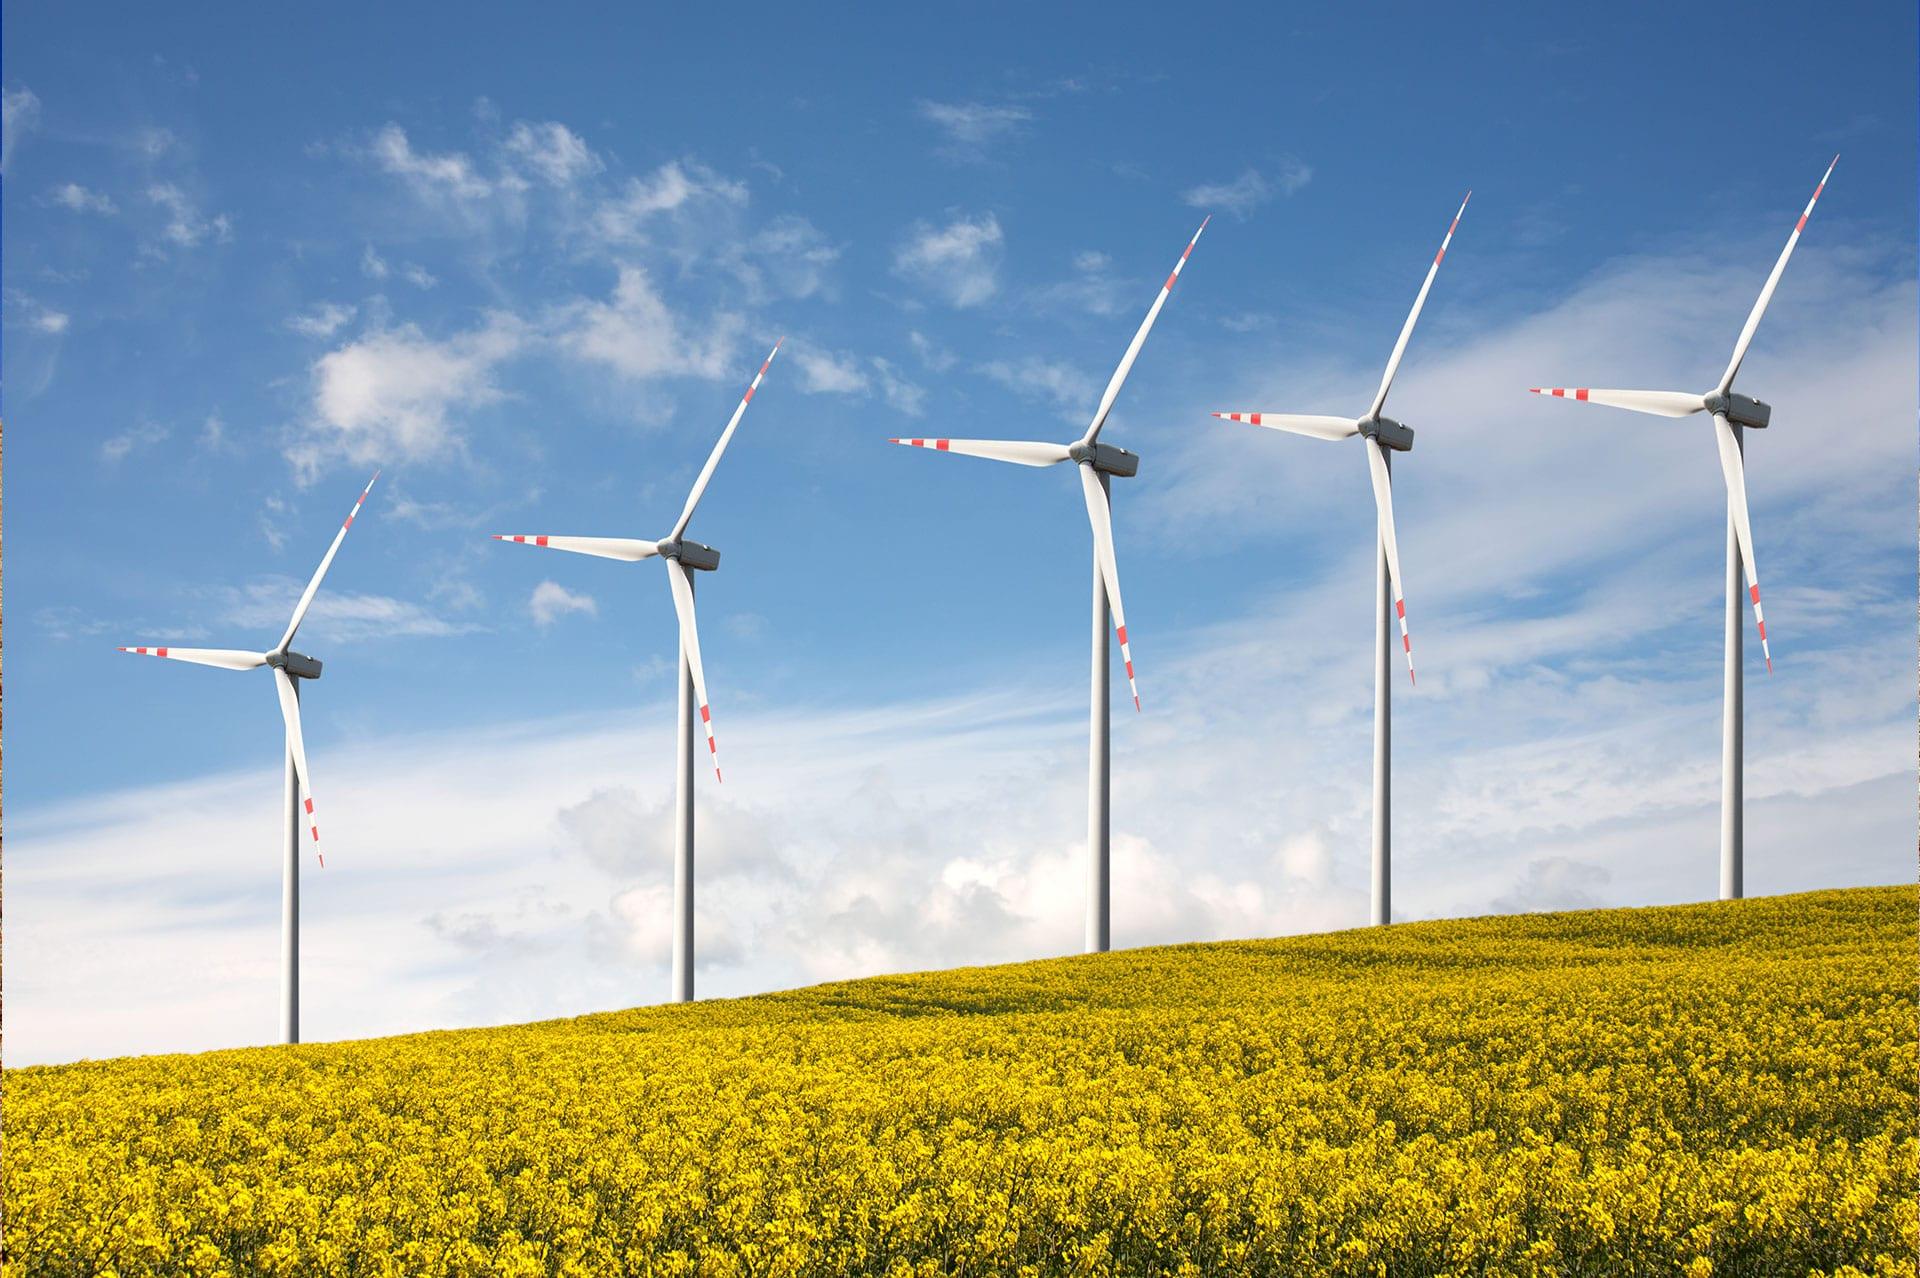 Hengel Transportes - Brasil é o 5º maior em energias renováveis